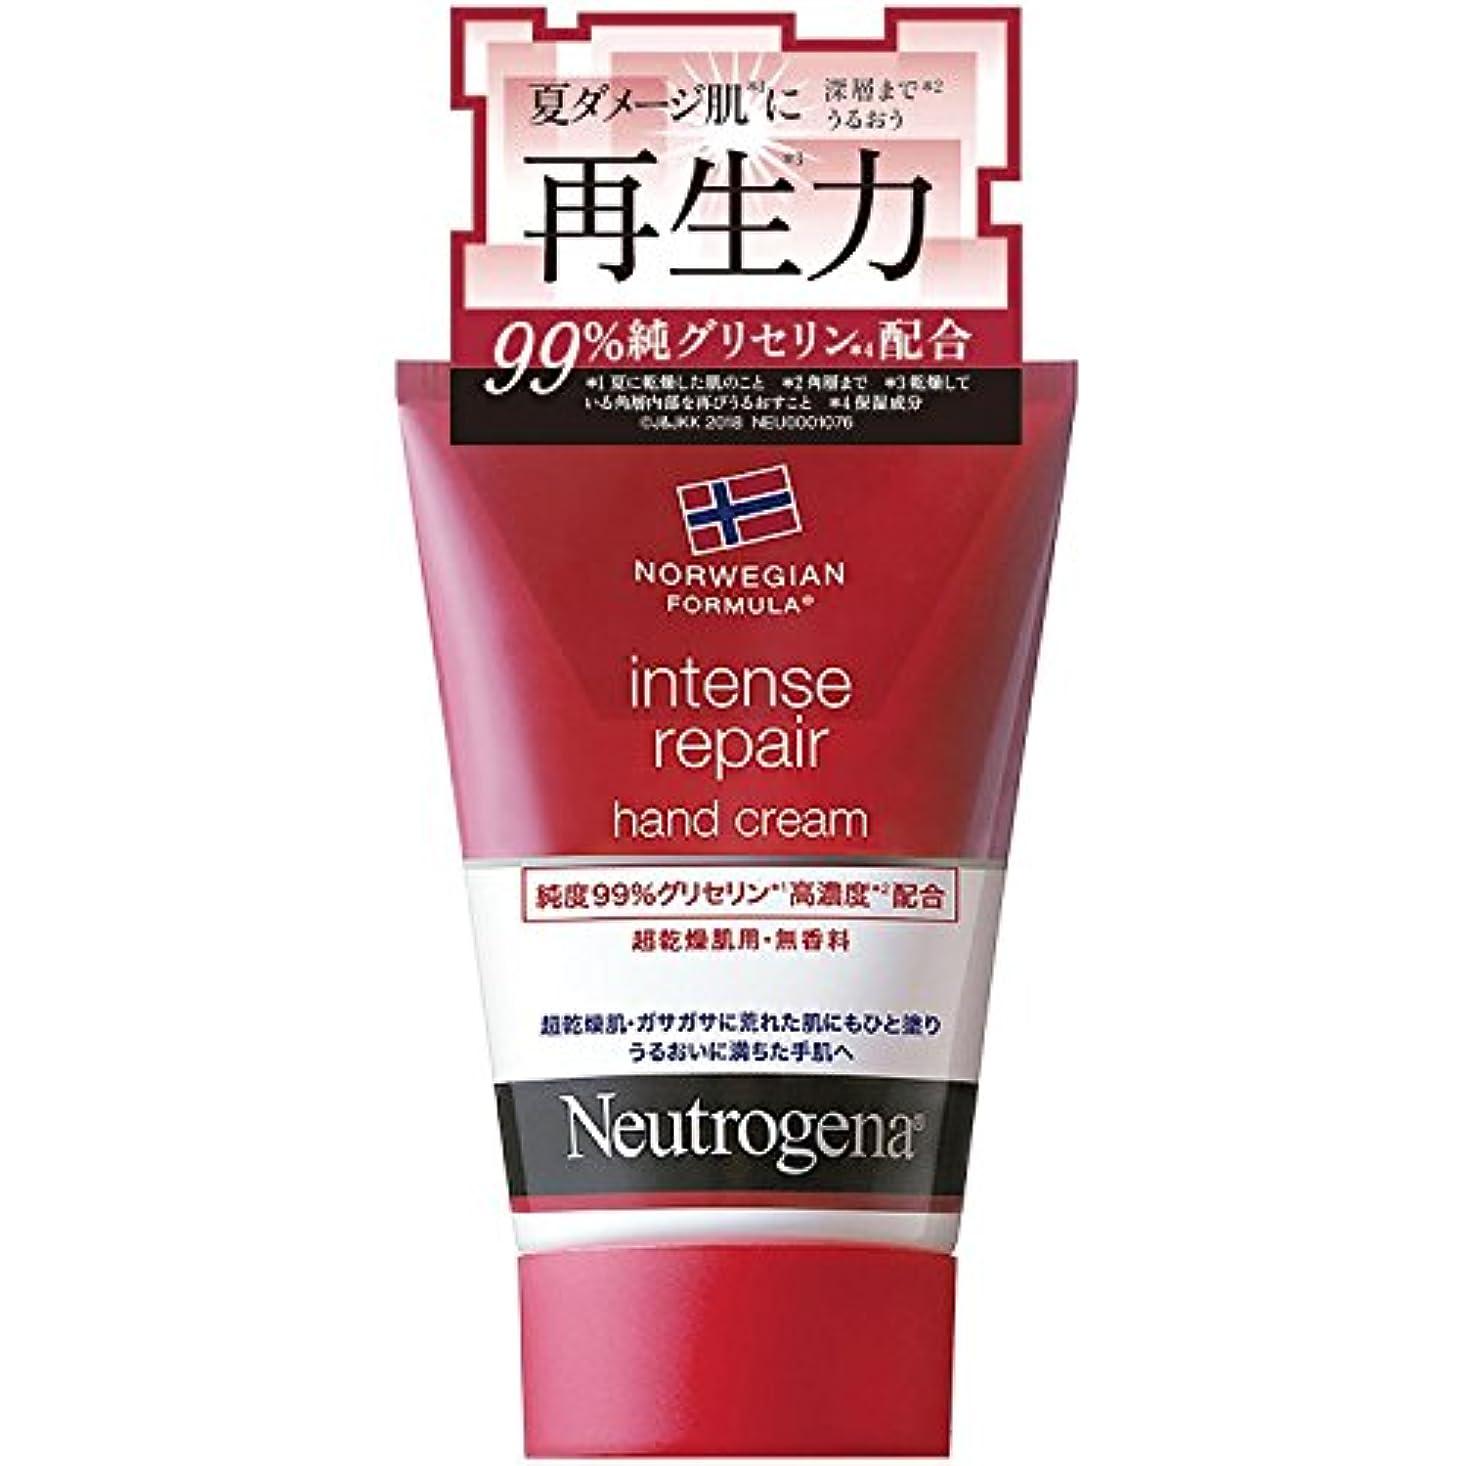 ラフ報復するまどろみのあるNeutrogena(ニュートロジーナ) ノルウェーフォーミュラ インテンスリペア ハンドクリーム 超乾燥肌用 無香料 単品 50g